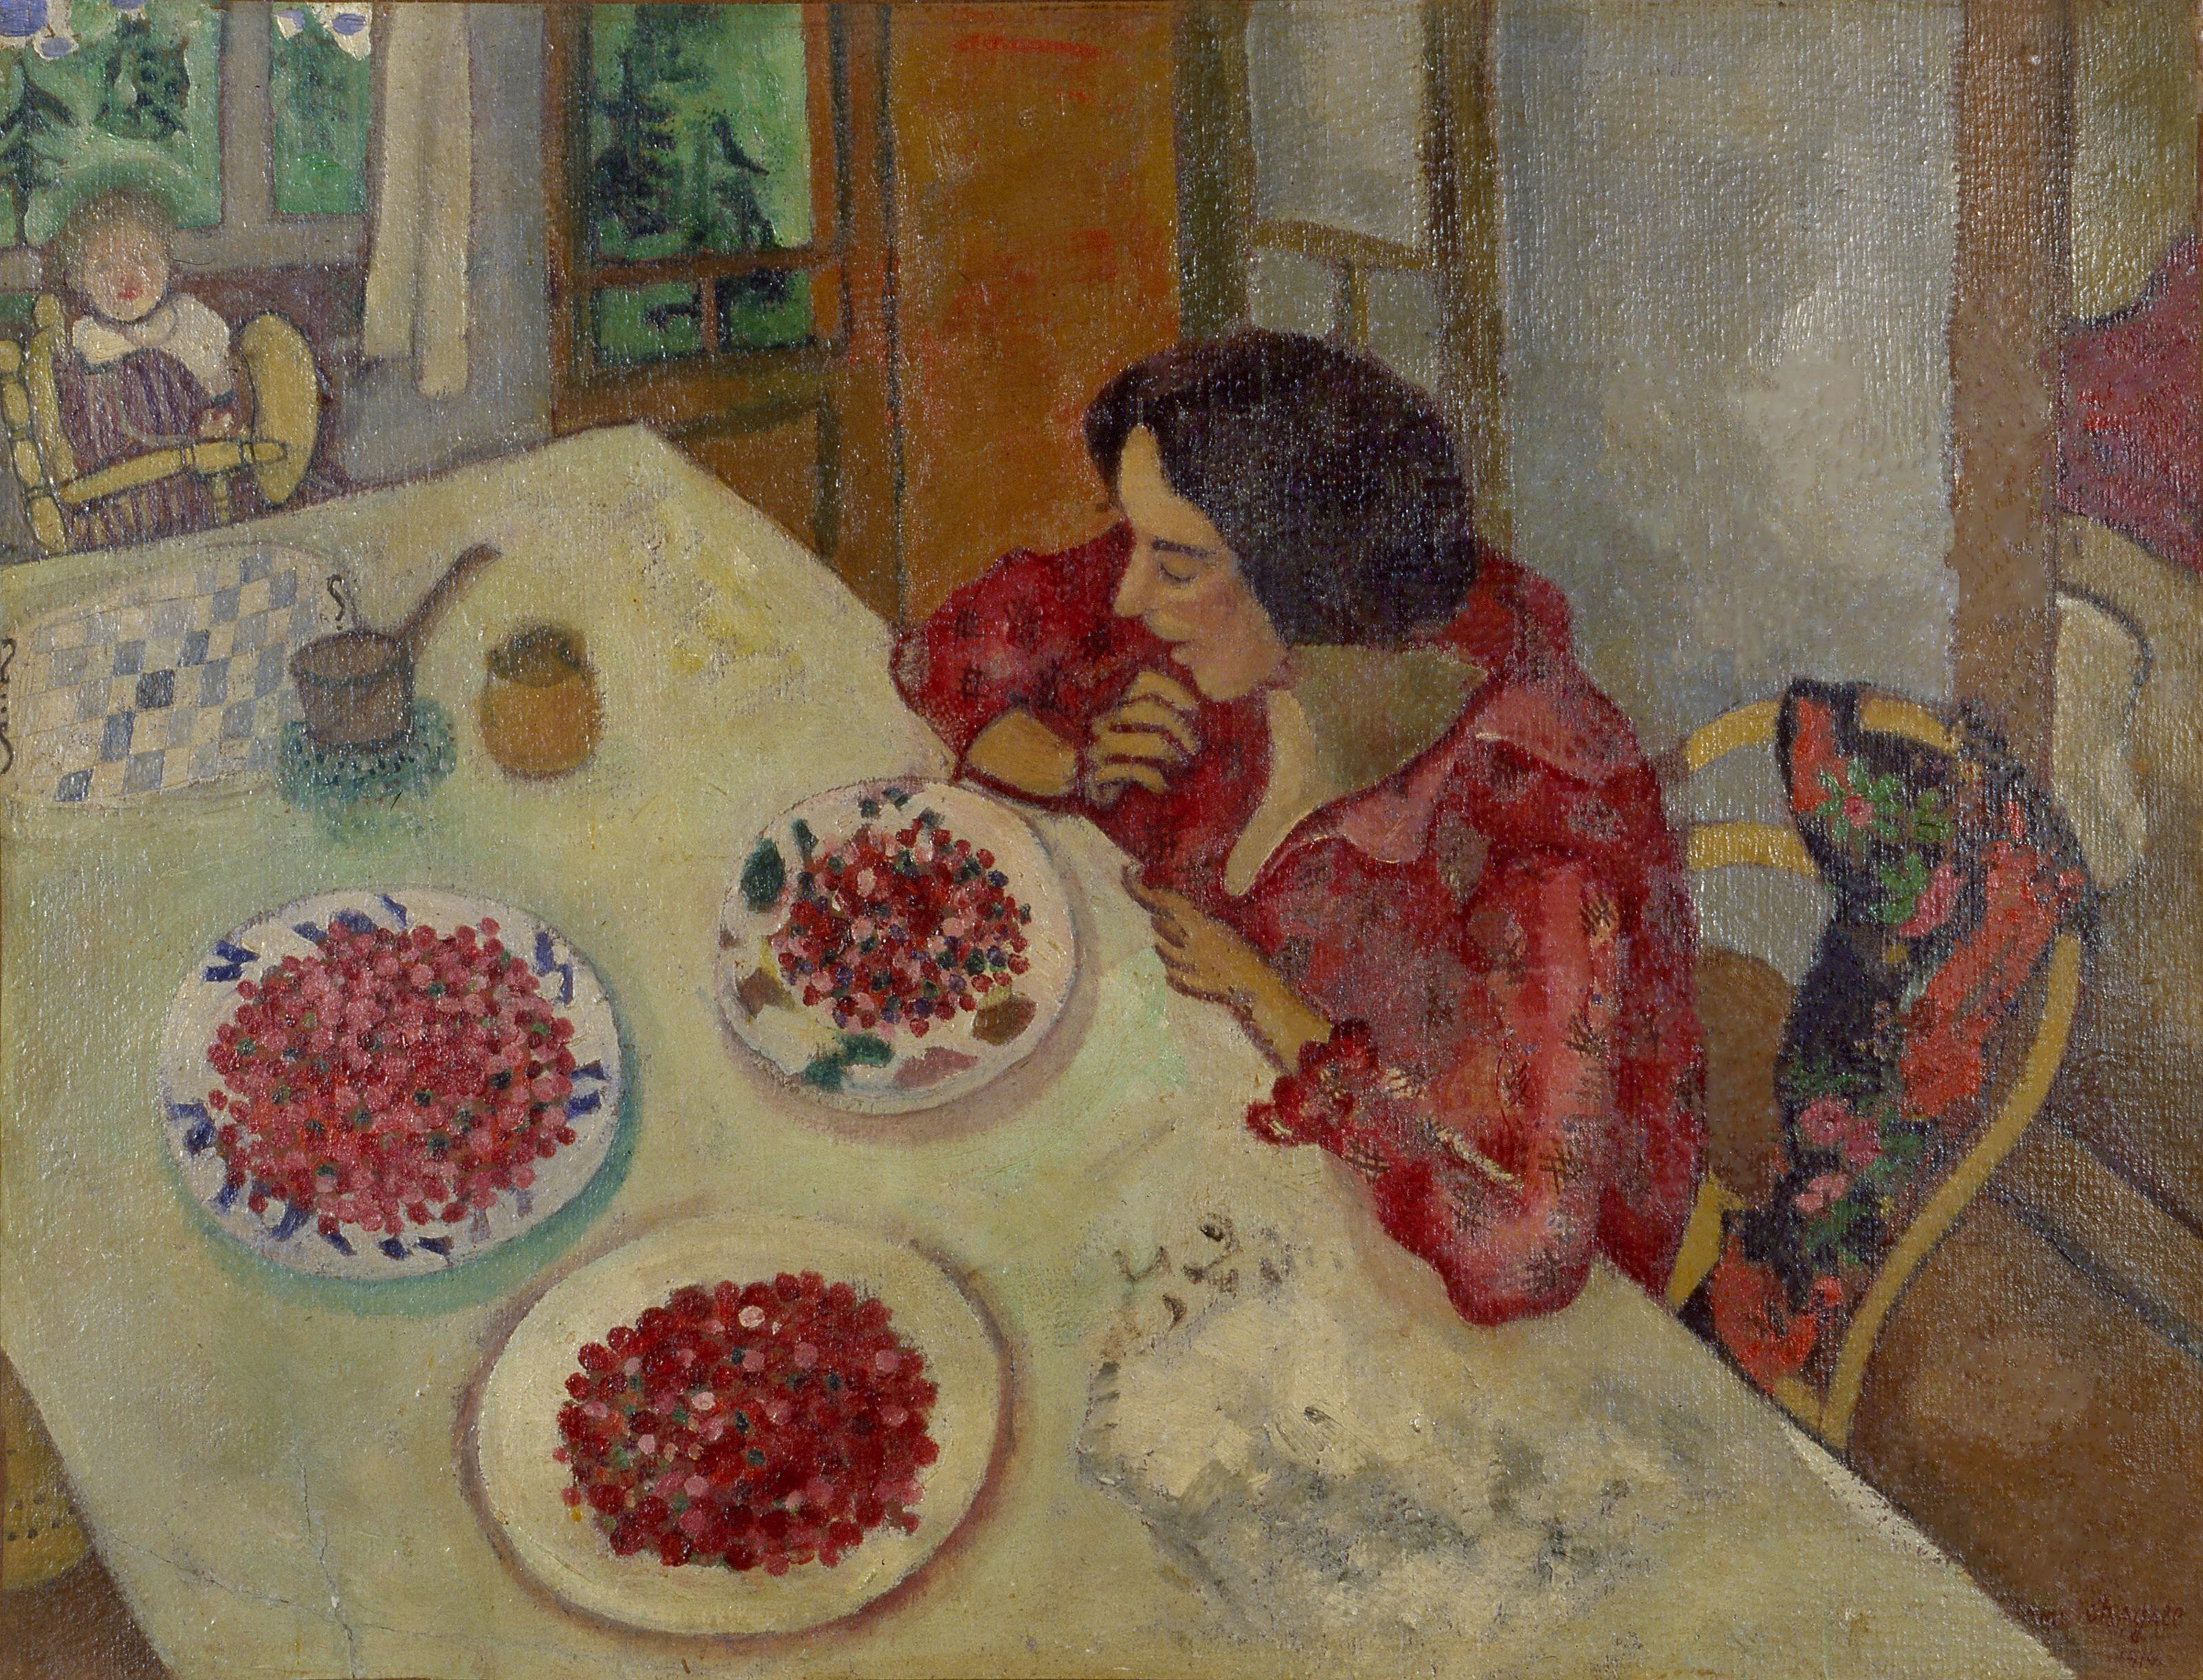 Erdbeeren_Bella_und_Ida_am_Tisch_1916_Meyer